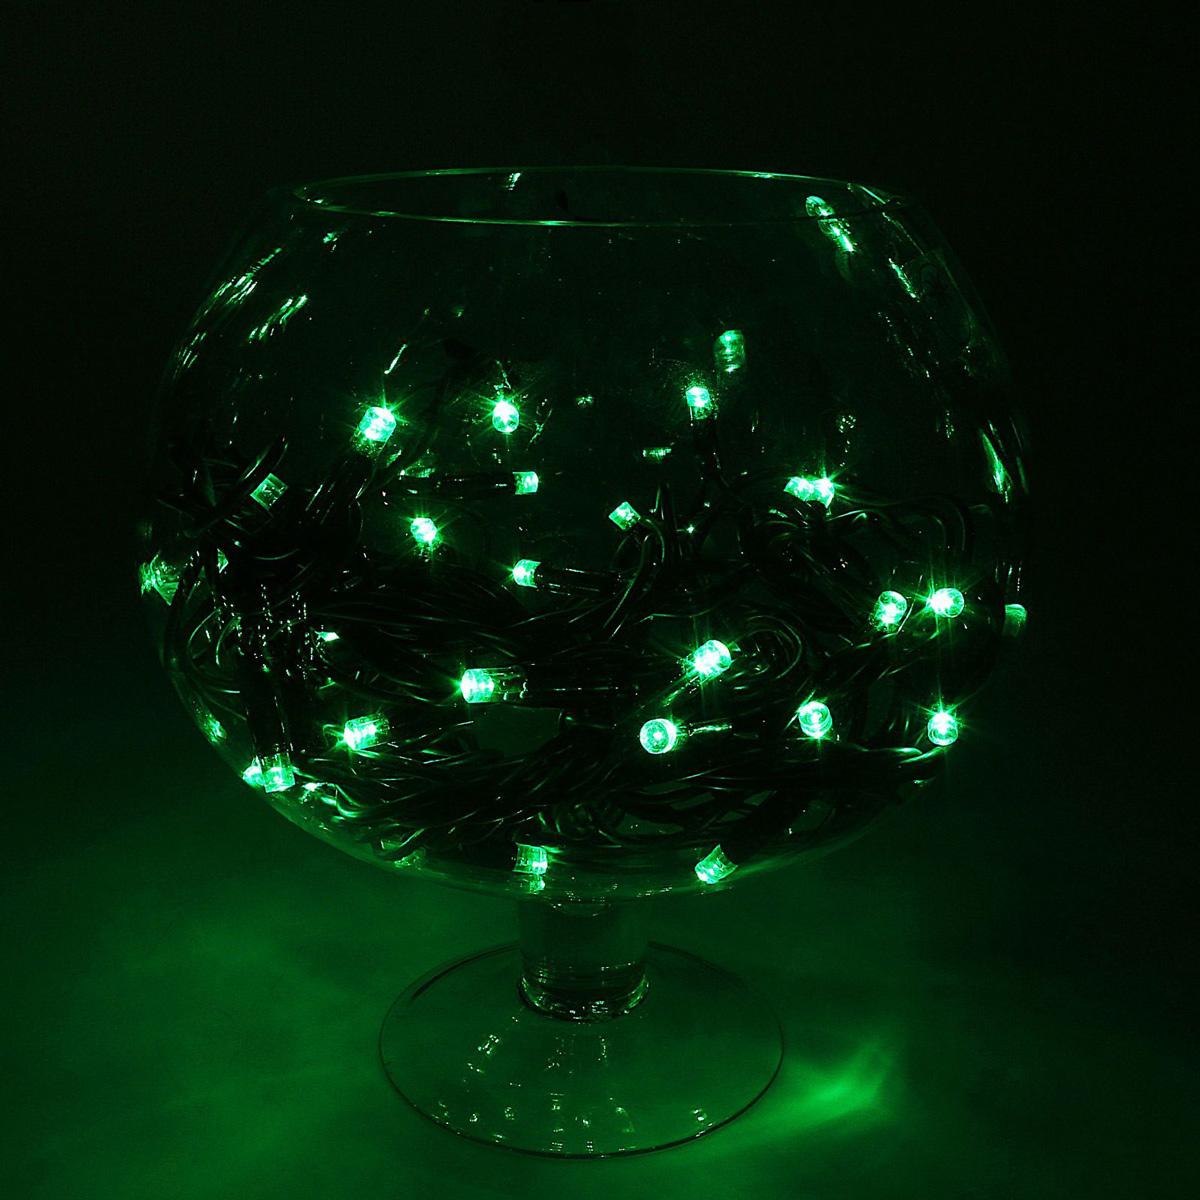 Гирлянда светодиодная Luazon Метраж. Каучук, уличная, 100 ламп, 220 V, 10 м, цвет: зеленый. 10806331080633Светодиодные гирлянды, ленты и т.д. — это отличный вариант для новогоднего оформления интерьера или фасада. С их помощью помещение любого размера можно превратить в праздничный зал, а внешние элементы зданий, украшенные ими, мгновенно станут напоминать очертания сказочного дворца. Такие украшения создают ауру предвкушения чуда. Деревья, фасады, витрины, окна и арки будто специально созданы, чтобы вы украсили их светящимися нитями.